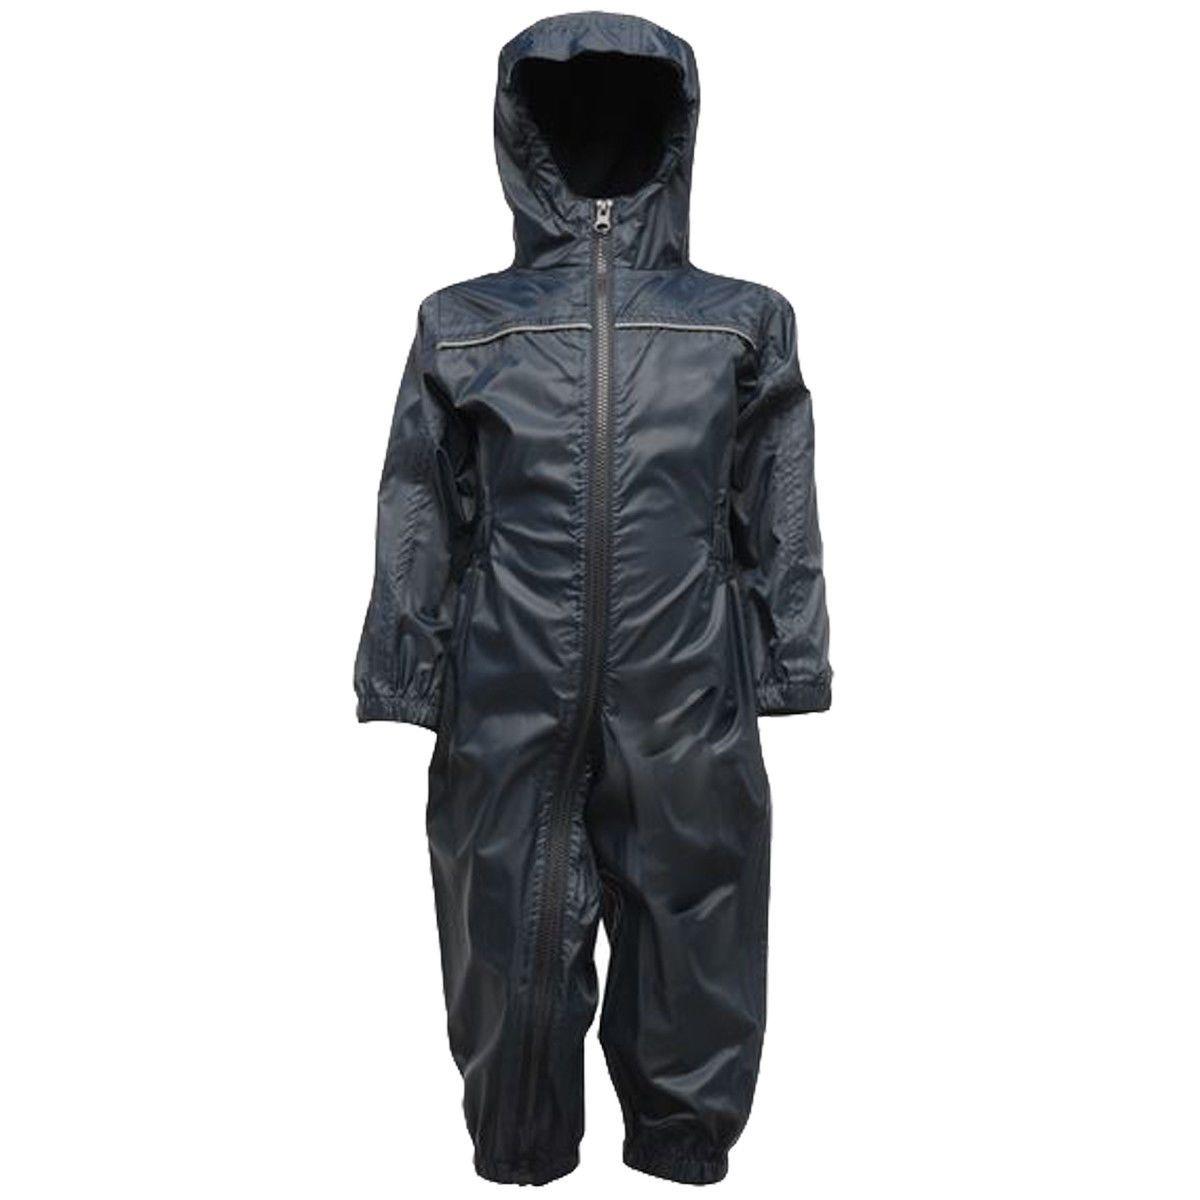 Regatta Kid's Breathable Rain Suit Various Colours L_TRW466 - Navy 6 to 12 Months